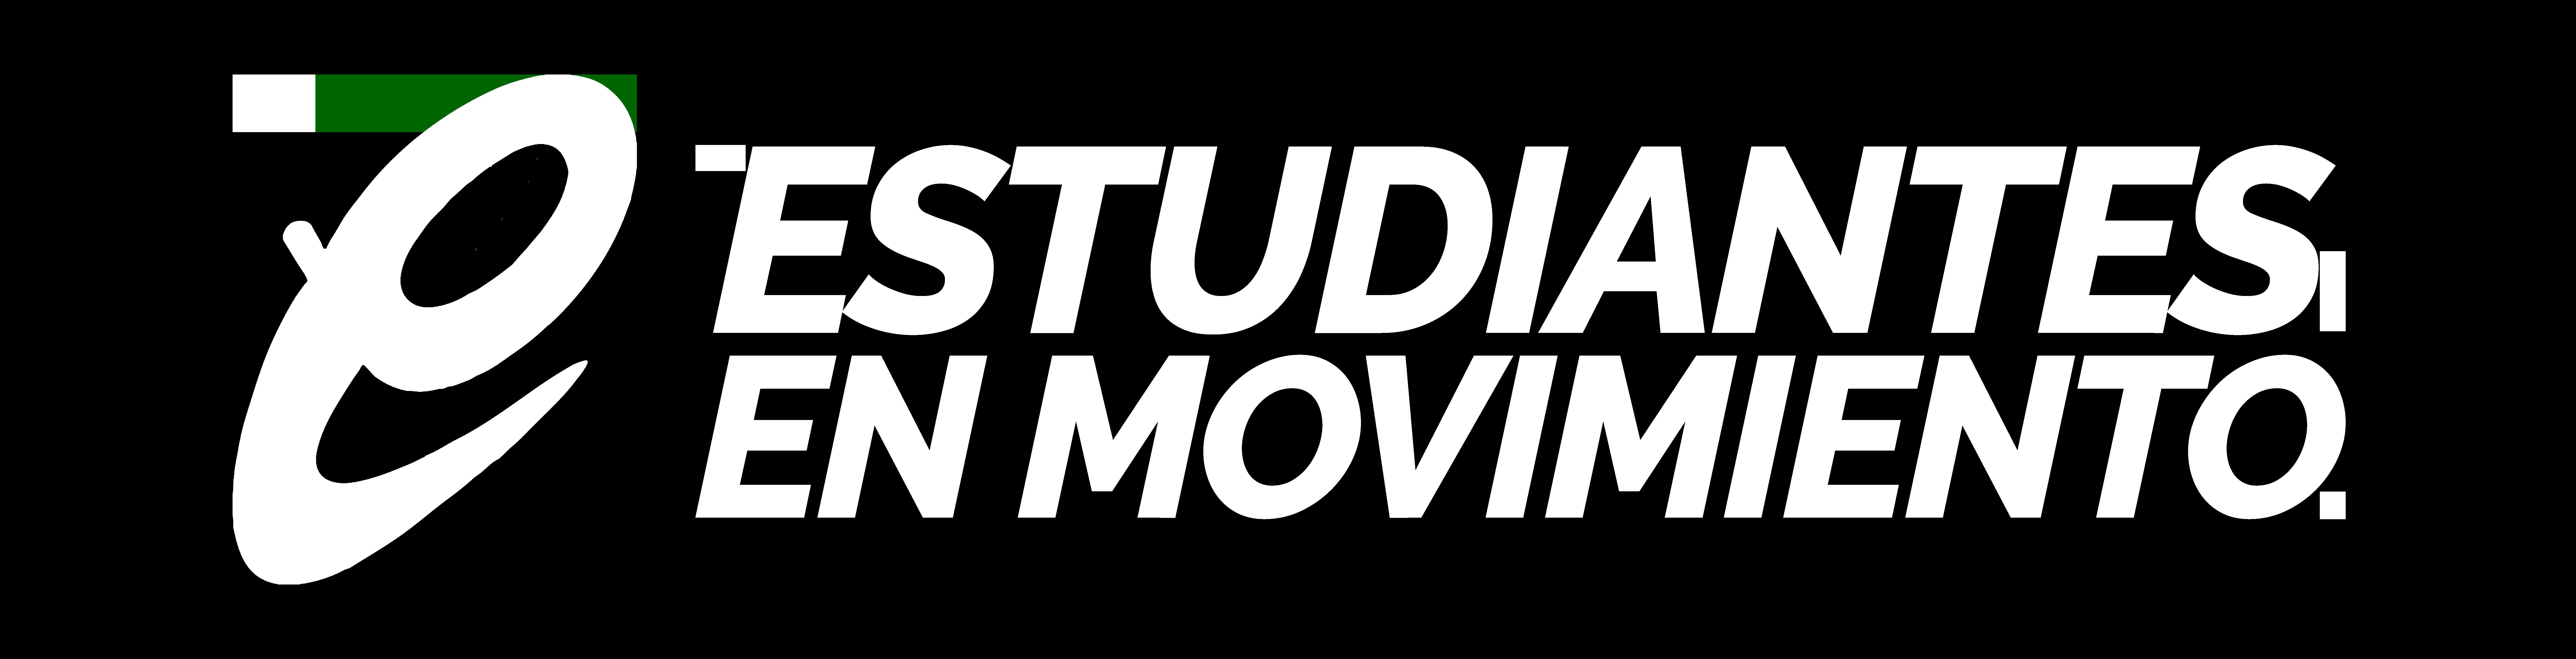 ESTUDIANTES EN MOVIMIENTO